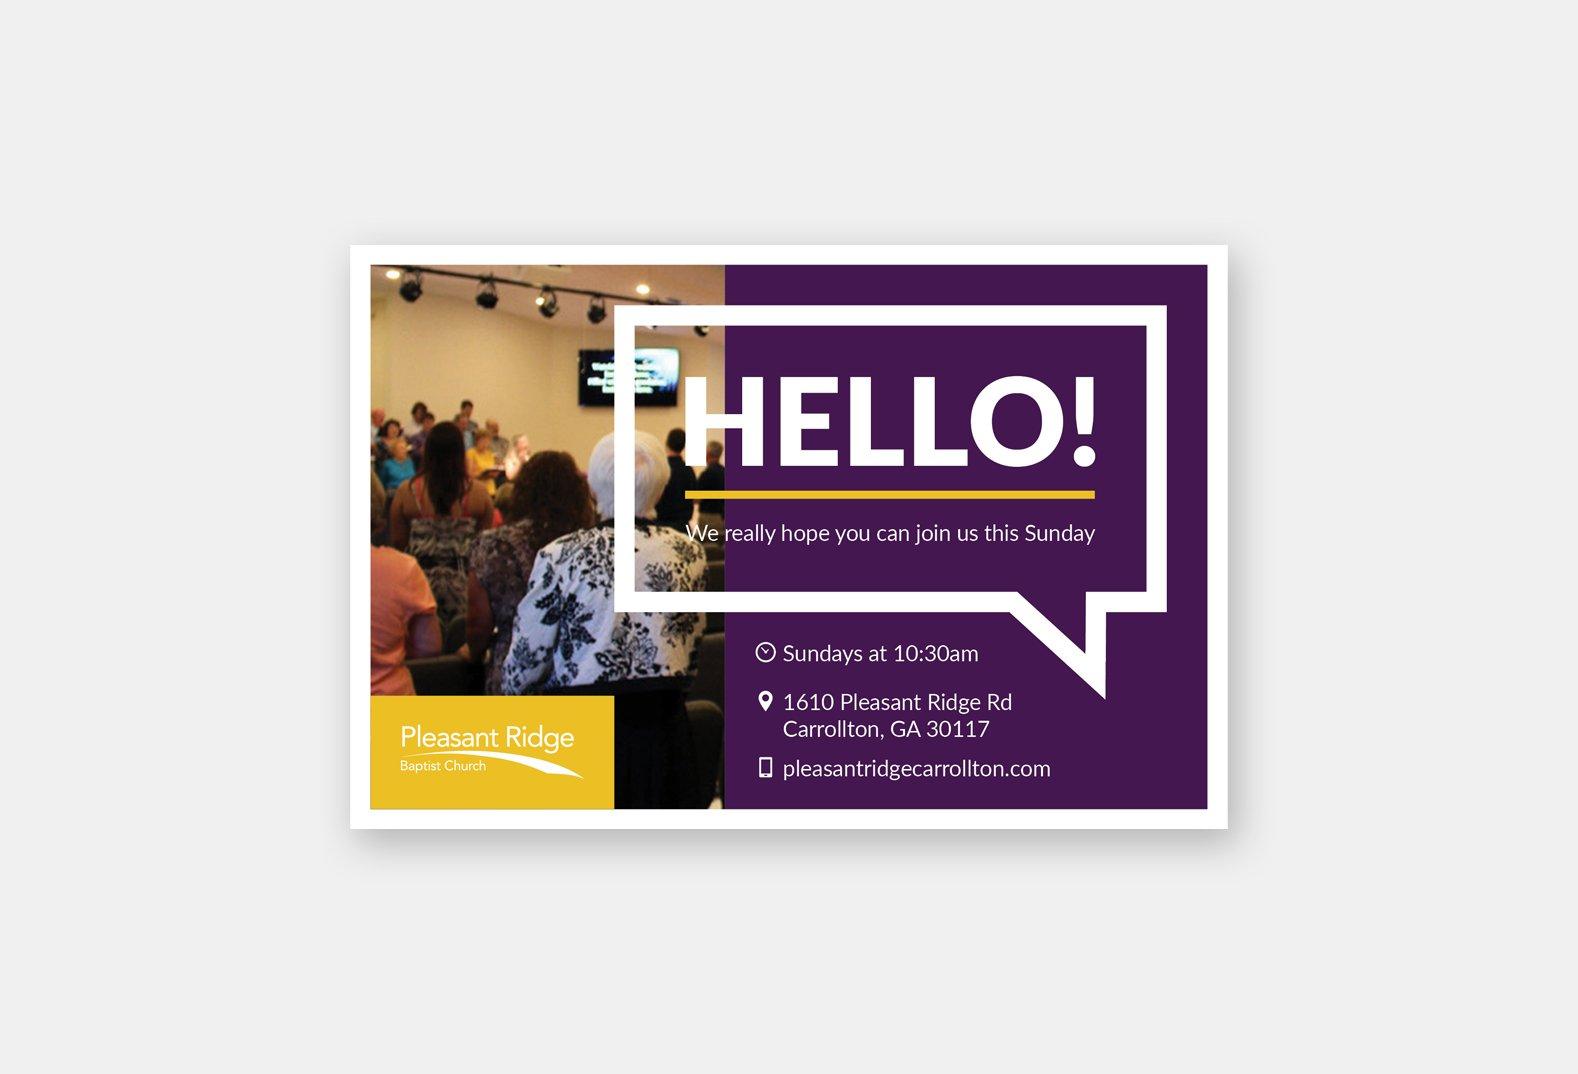 General Church Invite Card